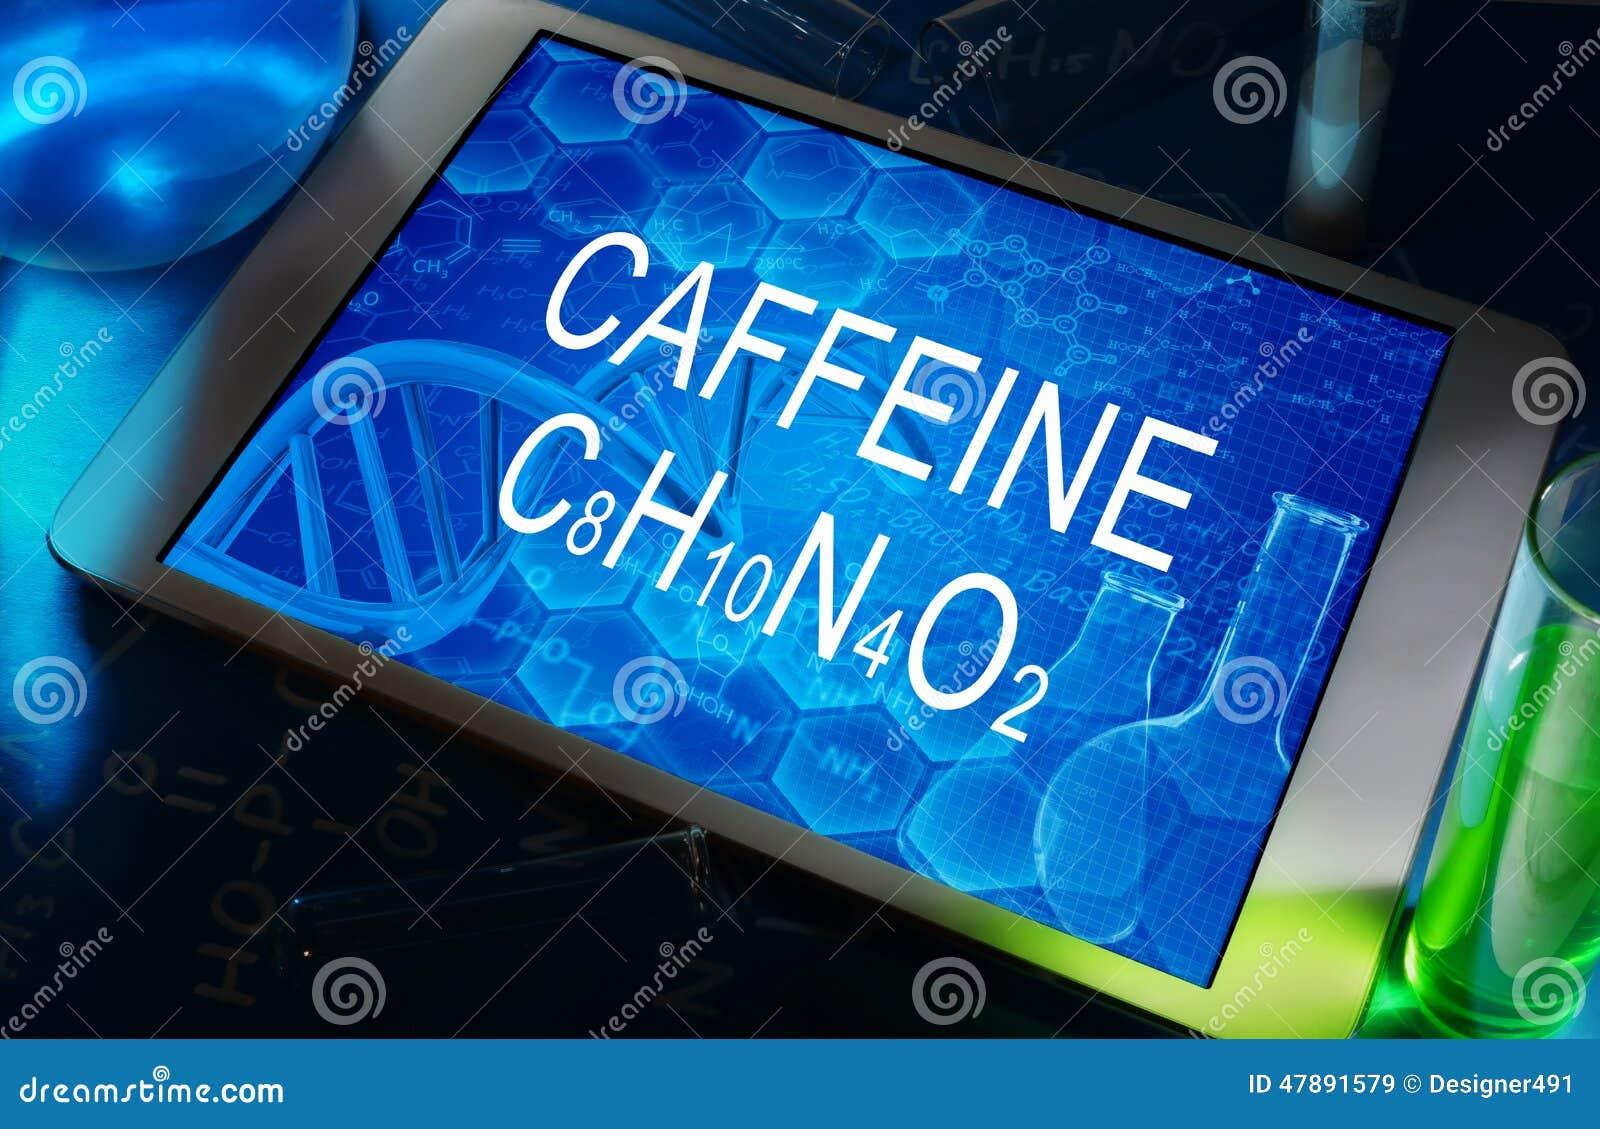 咖啡因化学式